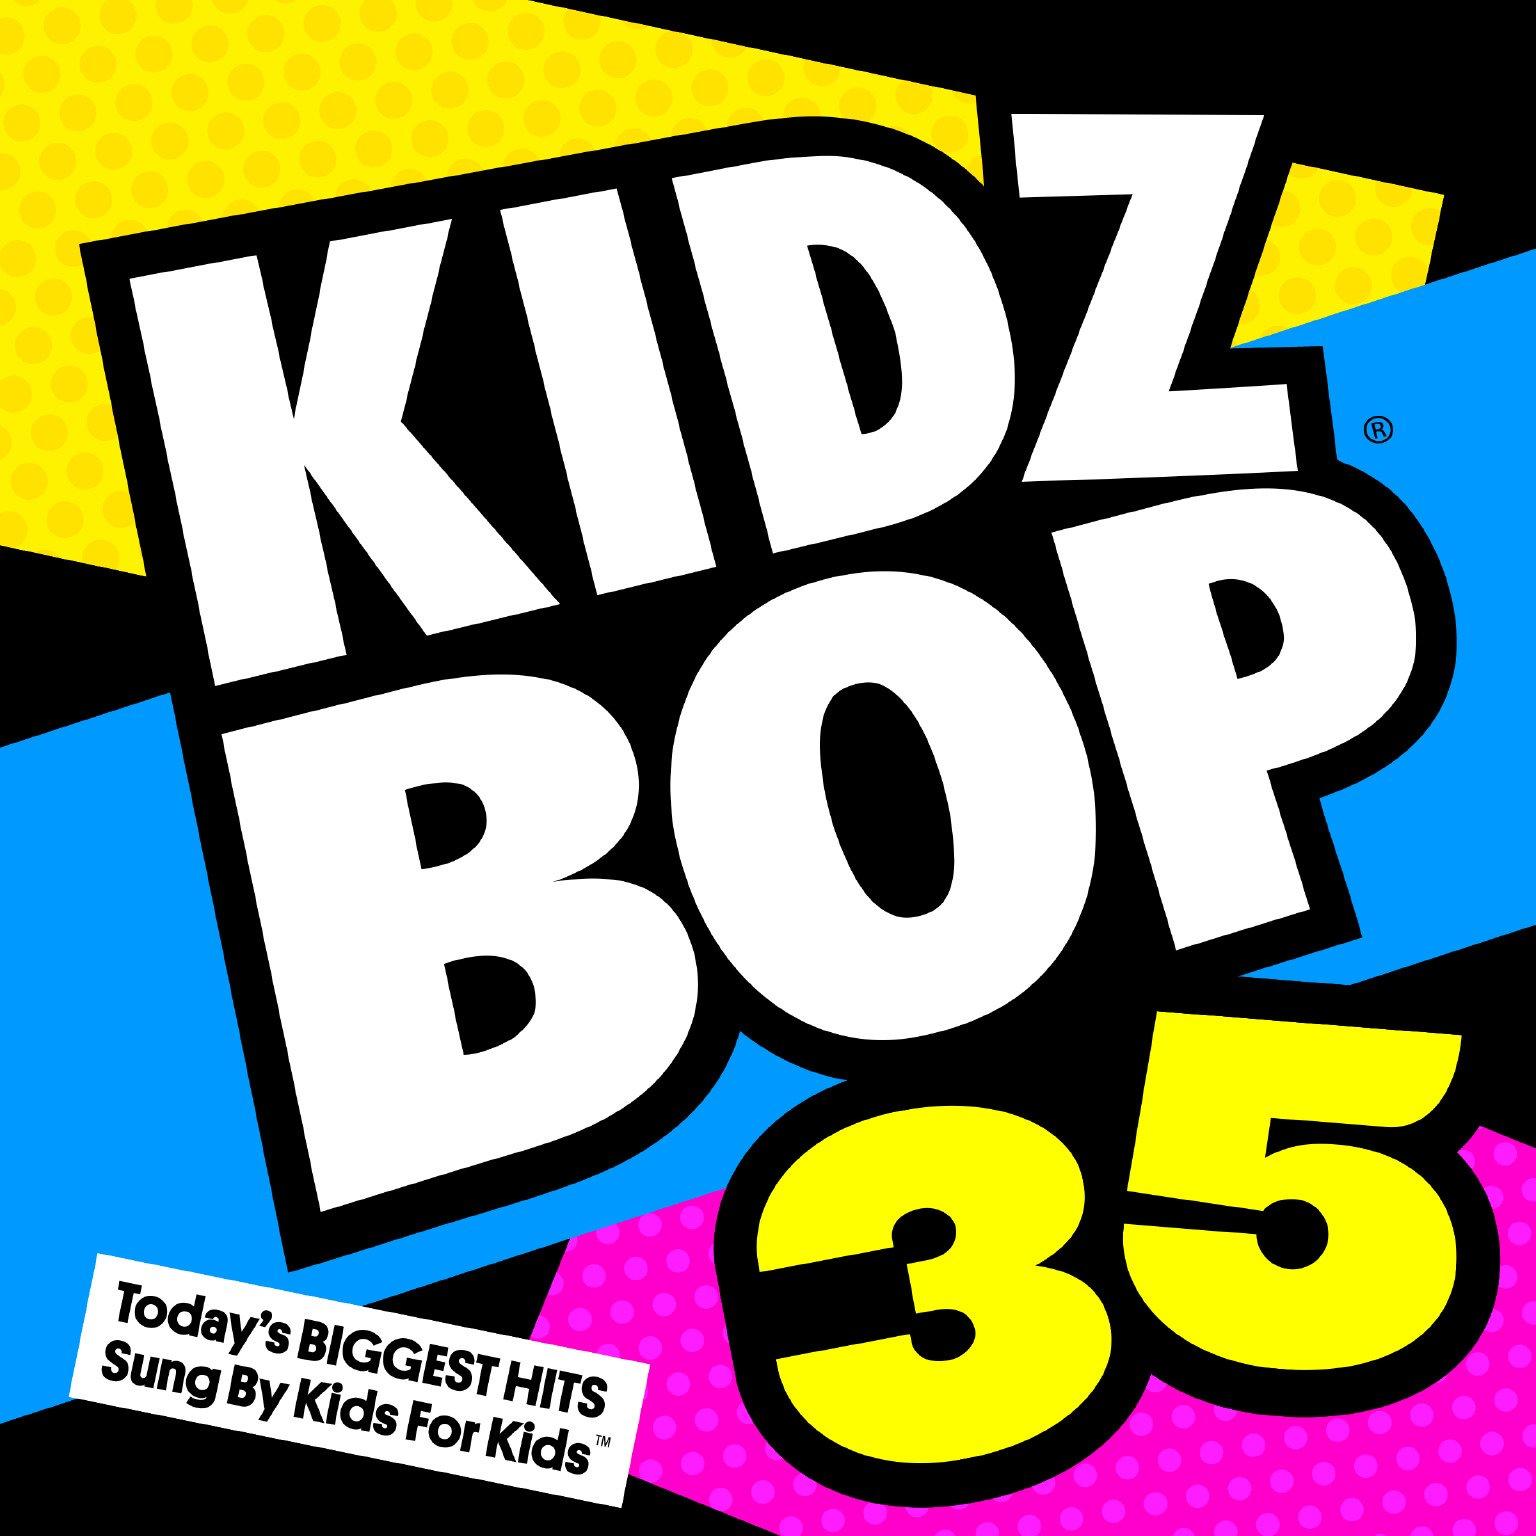 KIDZ BOP 35 by Razor & Tie